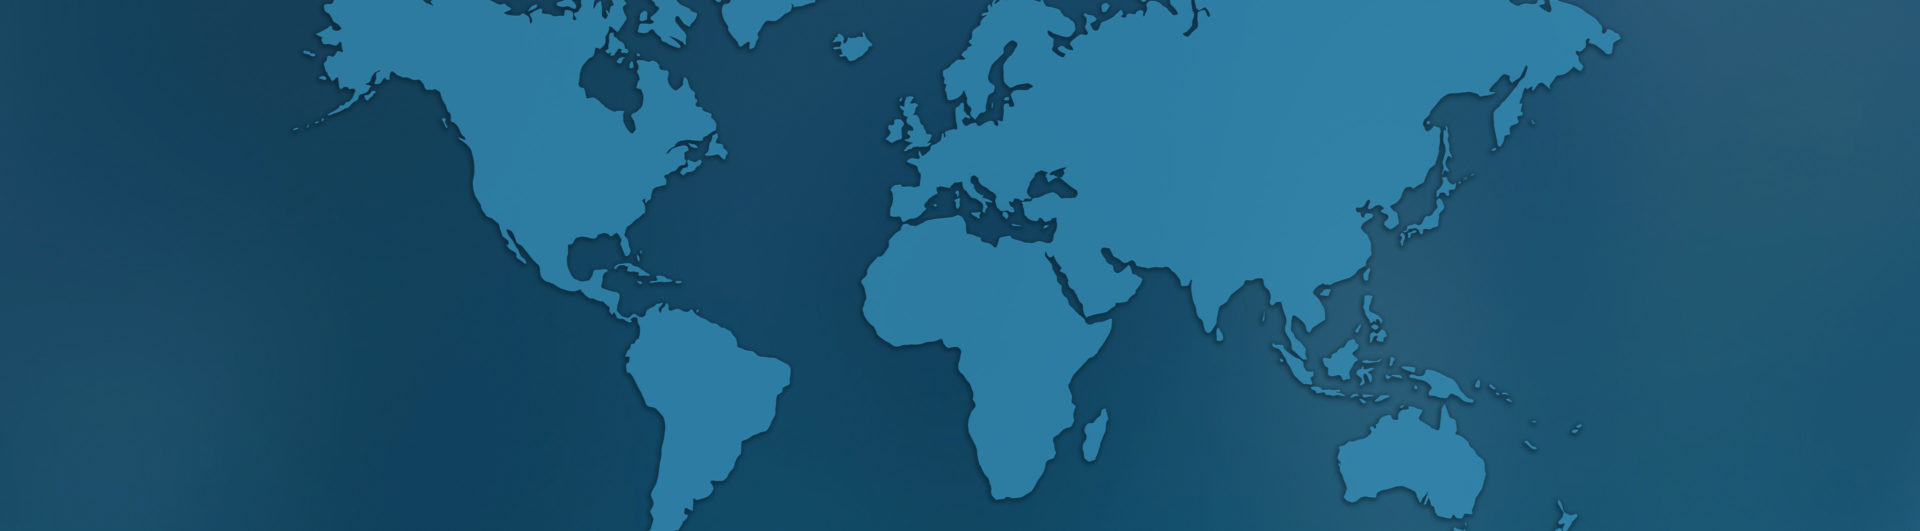 new meridian baner blue 1